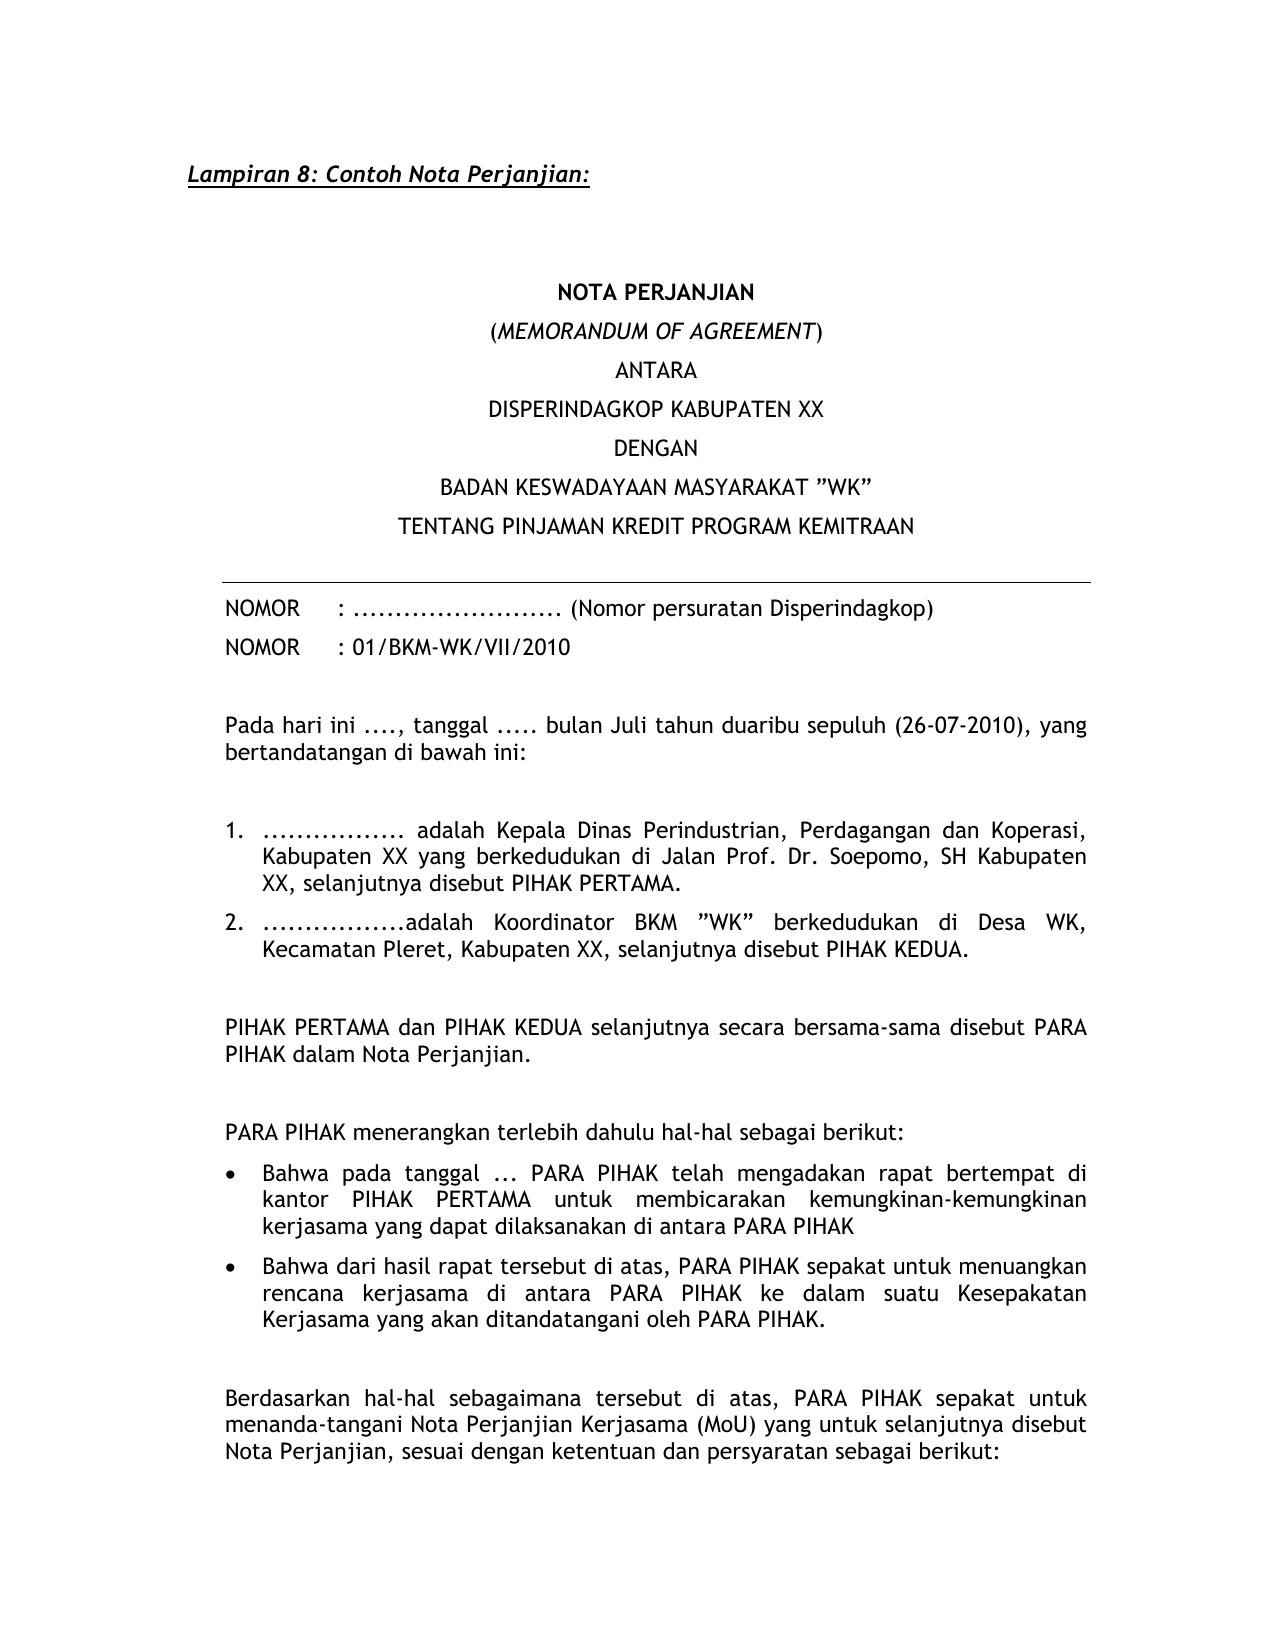 Lampiran 8 Contoh Nota Perjanjian Nota Perjanjian